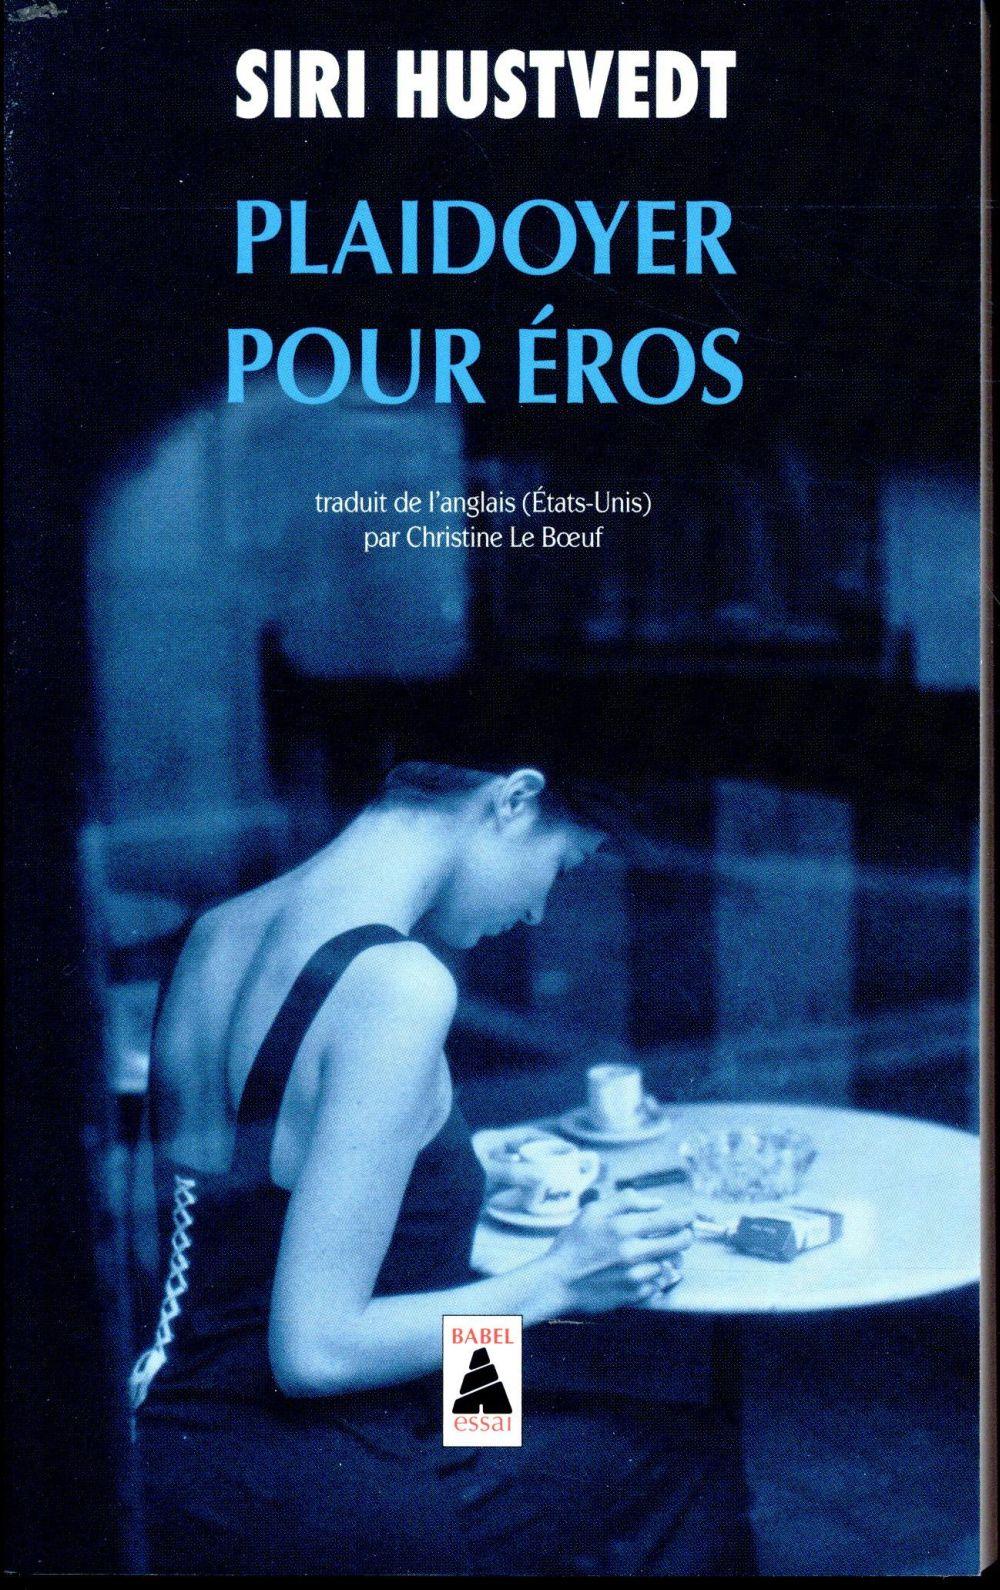 Plaidoyer pour Eros